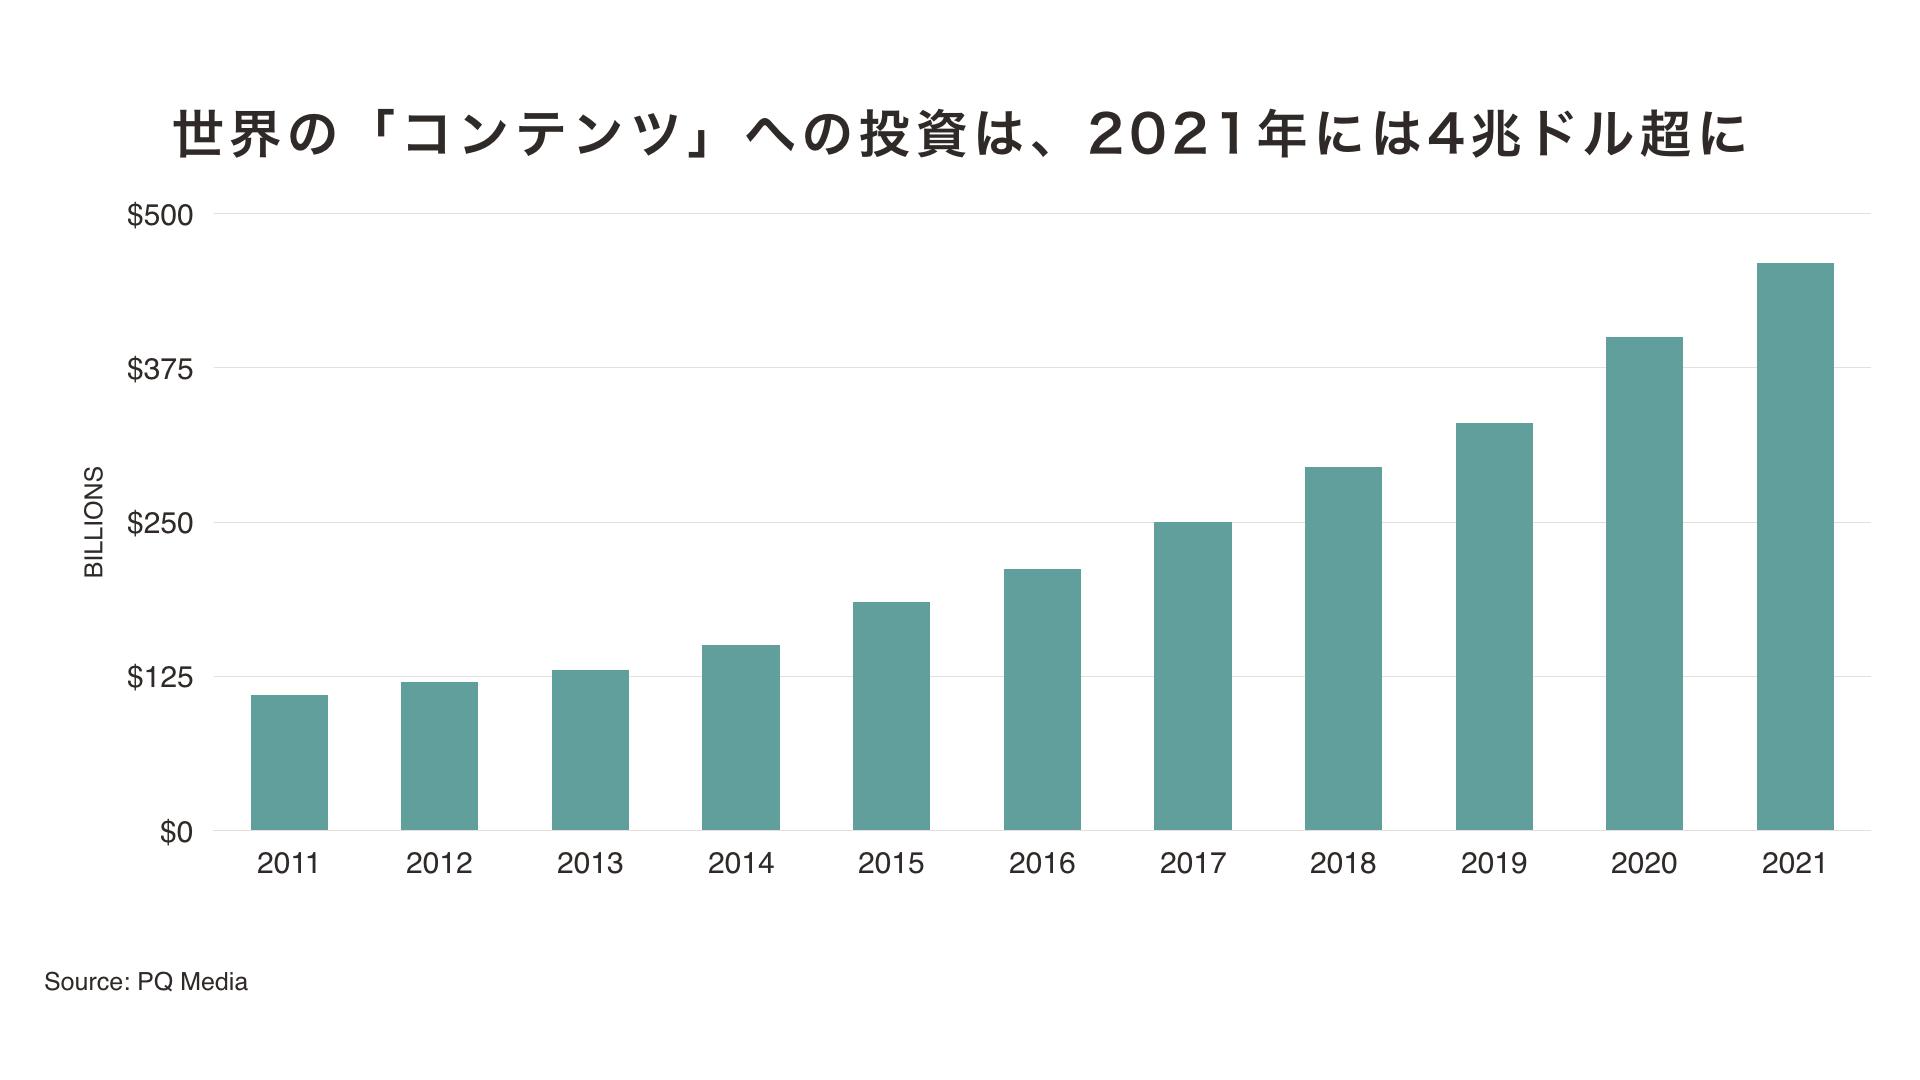 世界の「コンテンツ」の投資は2021年には4兆ドル超に